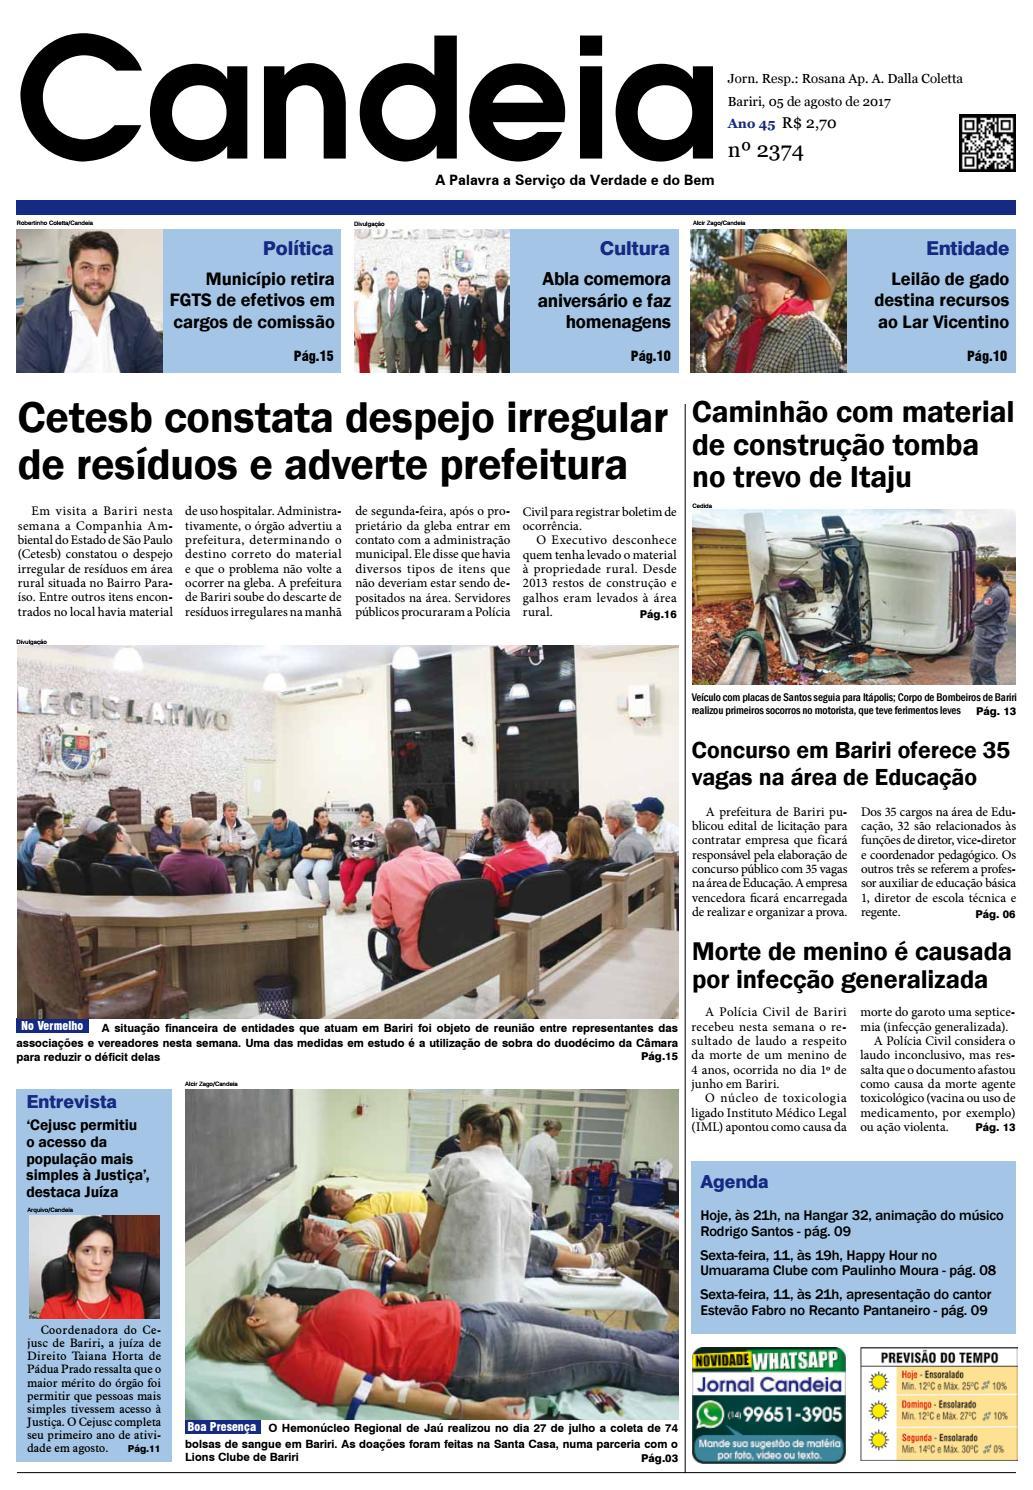 0048988182d58 Jornal candeia 05 08 2017 by Jornal Candeia - issuu